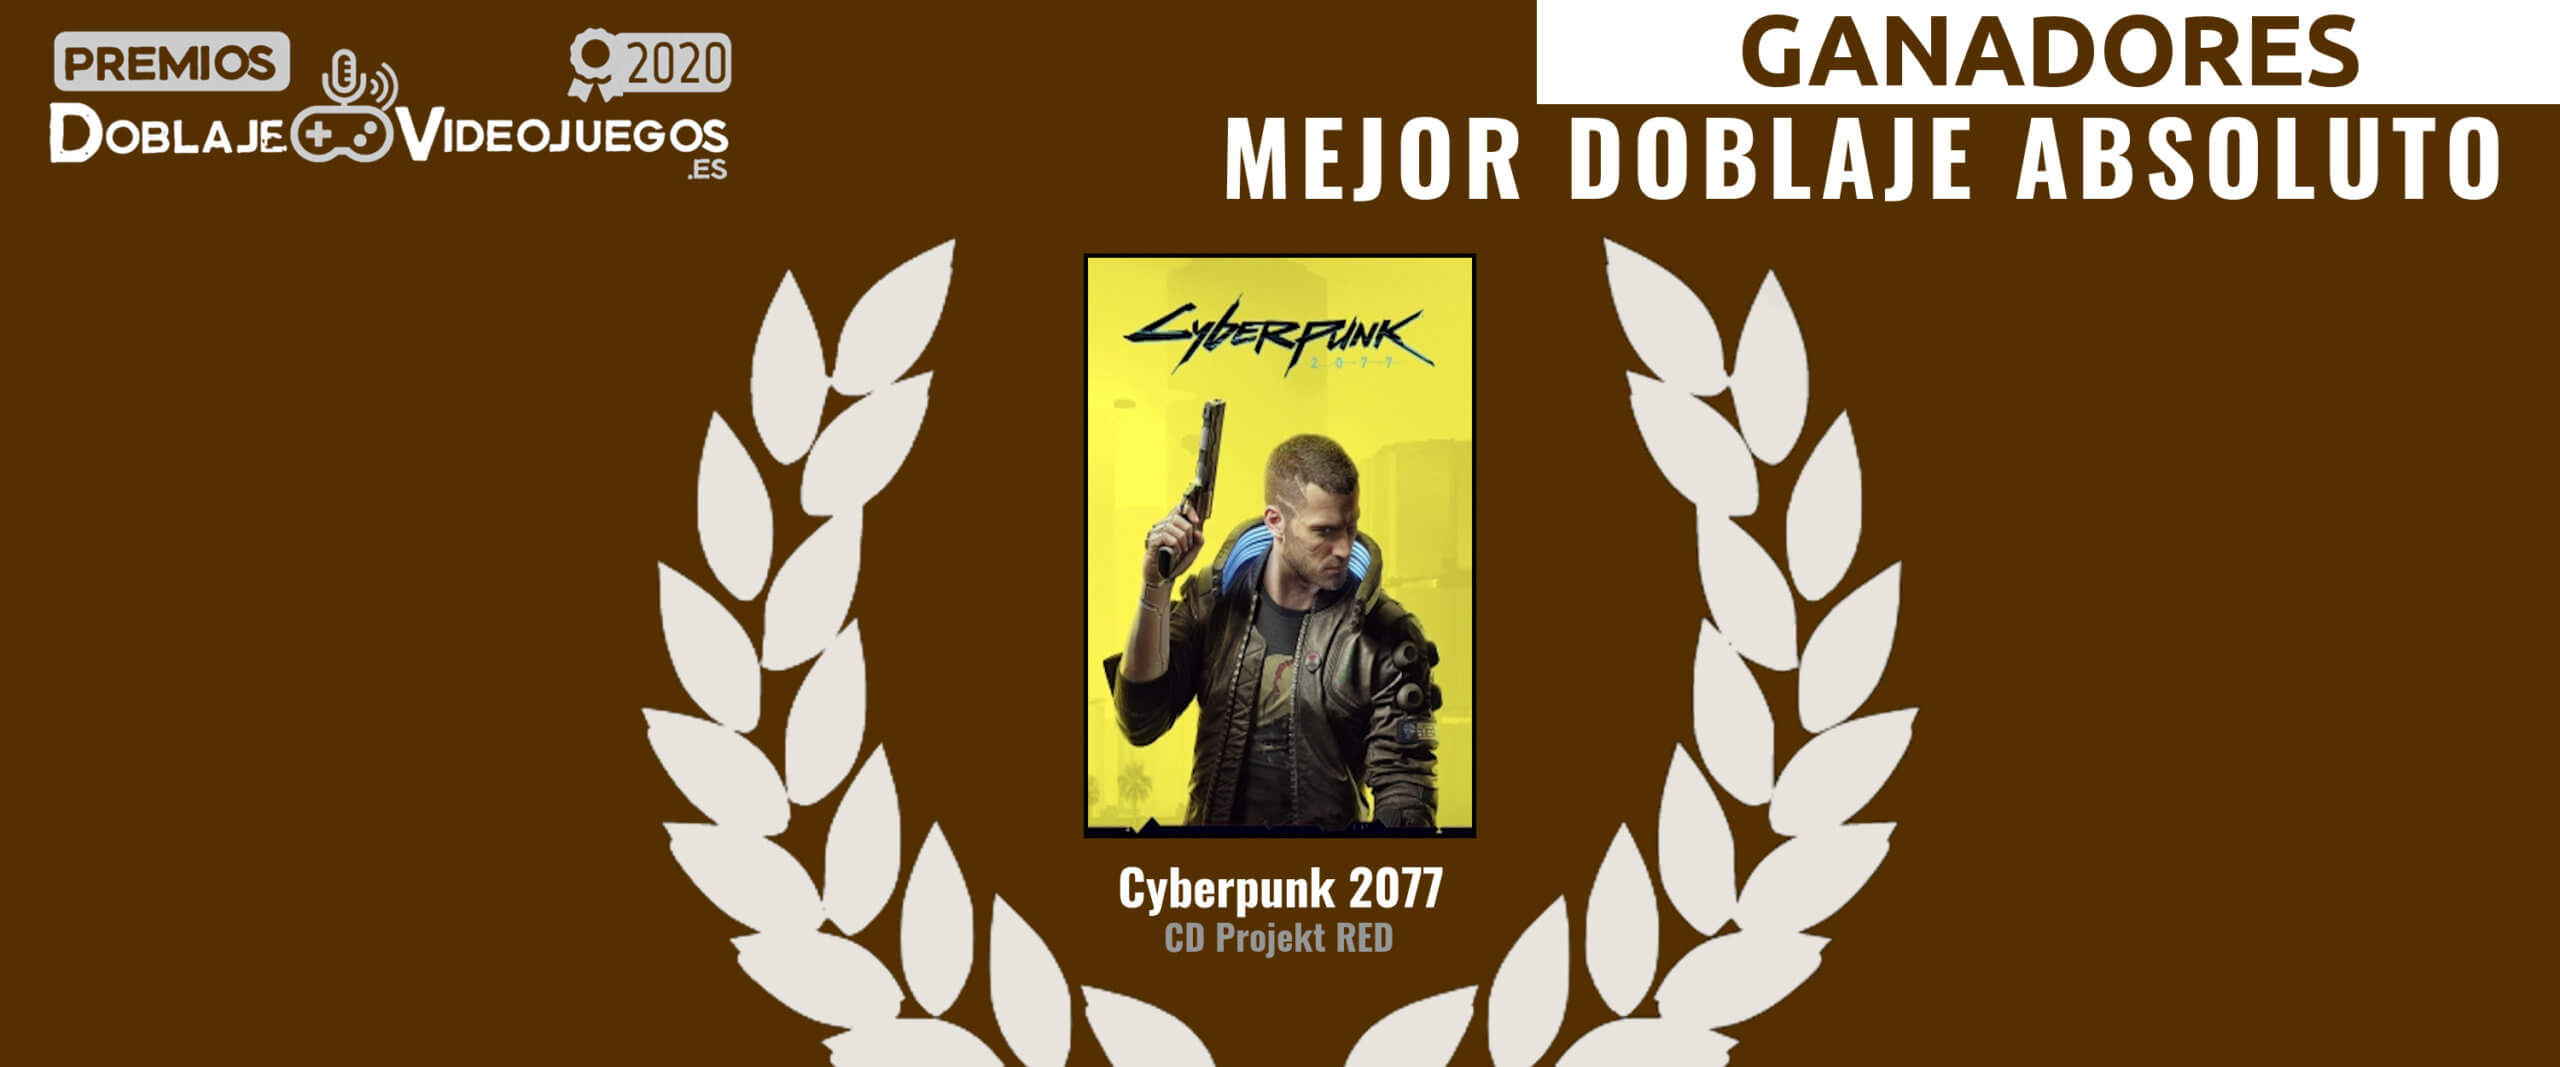 Cyberpunk 2077 gana el premio a Mejor Doblaje español del año